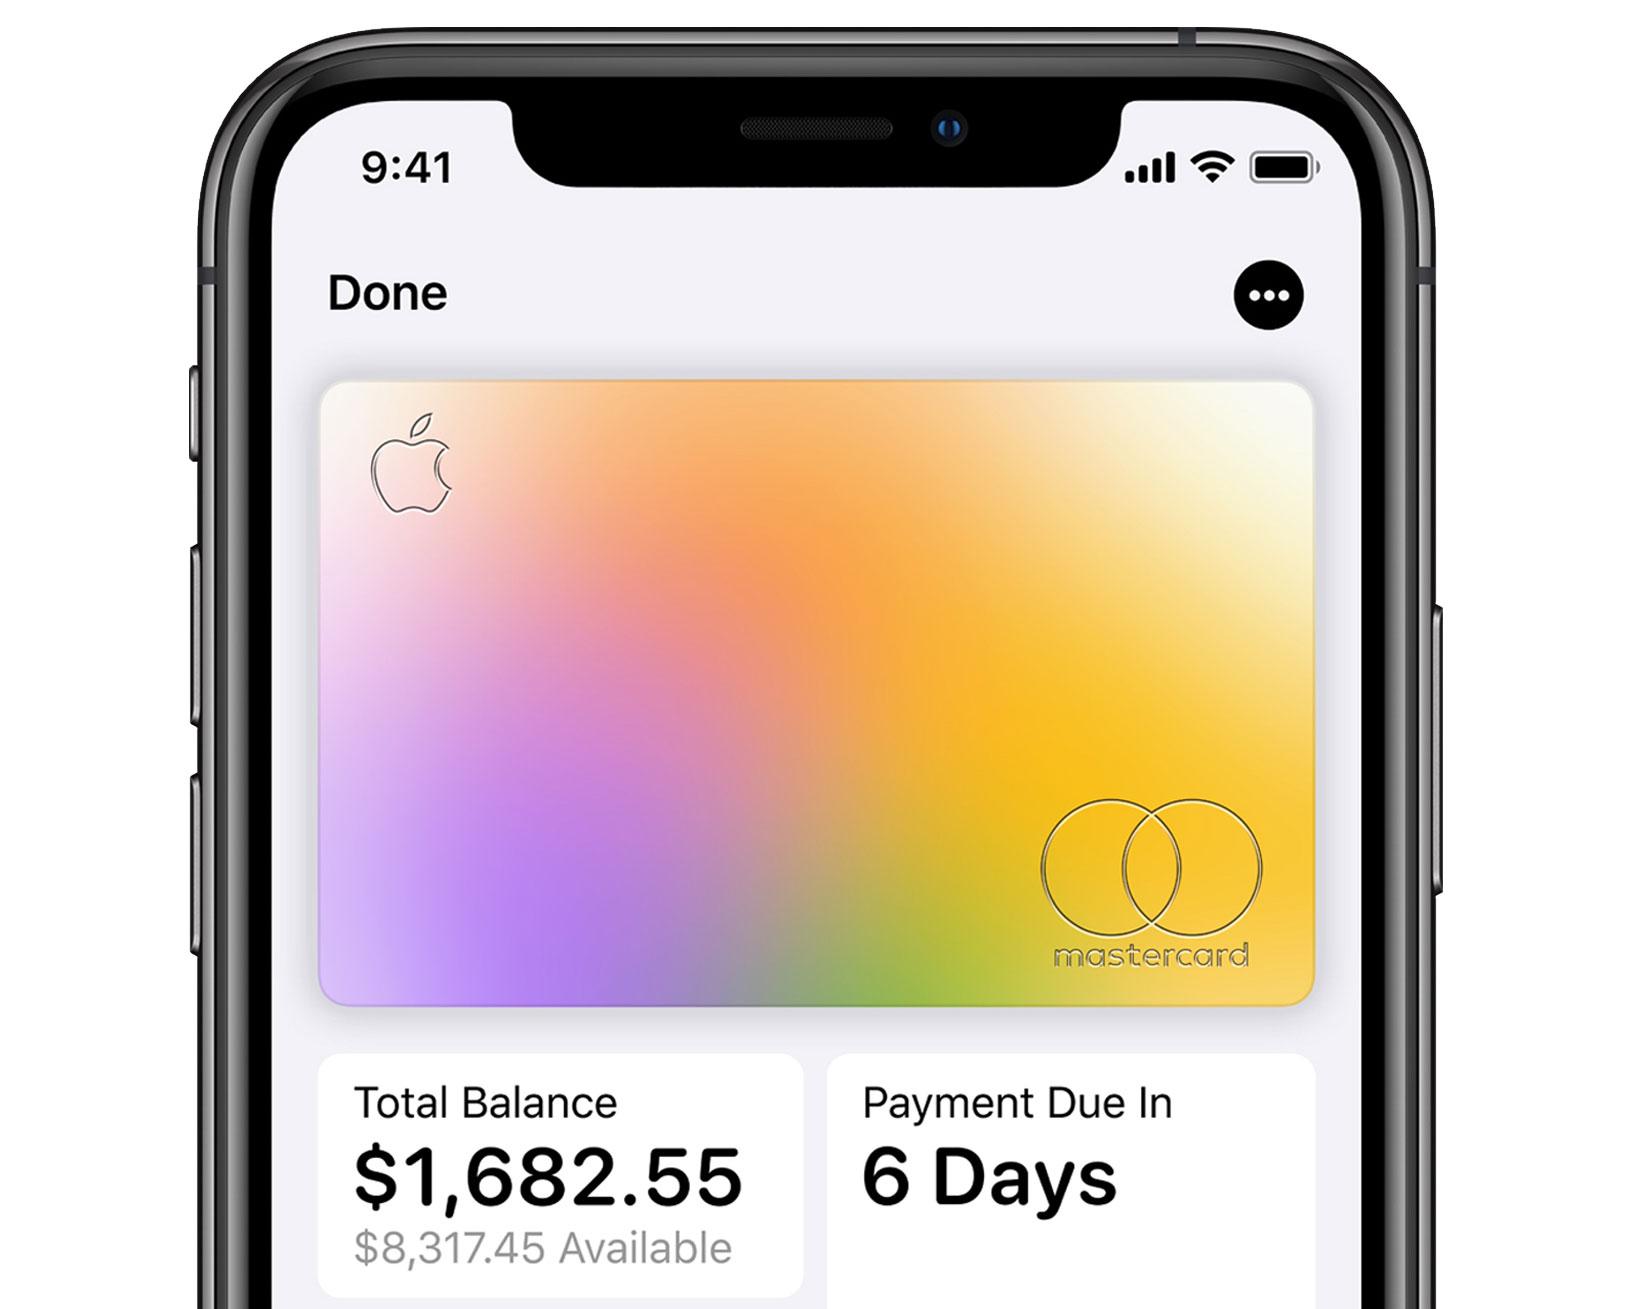 https://www.macfreak.nl/modules/news/images/zArt.Apple-Card_iPhoneXS-Total-Balance_032519.jpg